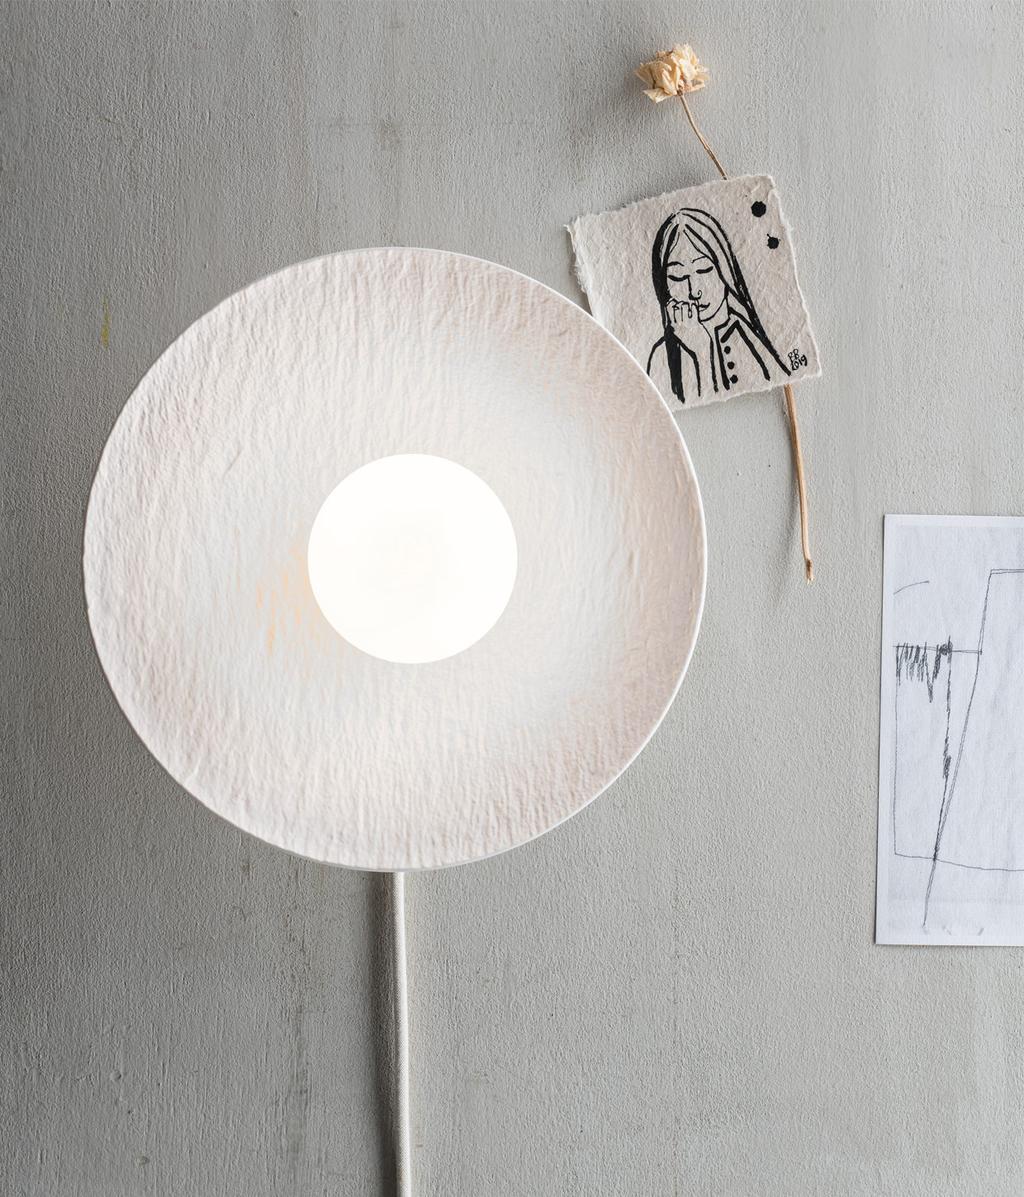 DIY wandlamp van een bord | vtwonen 10-2020